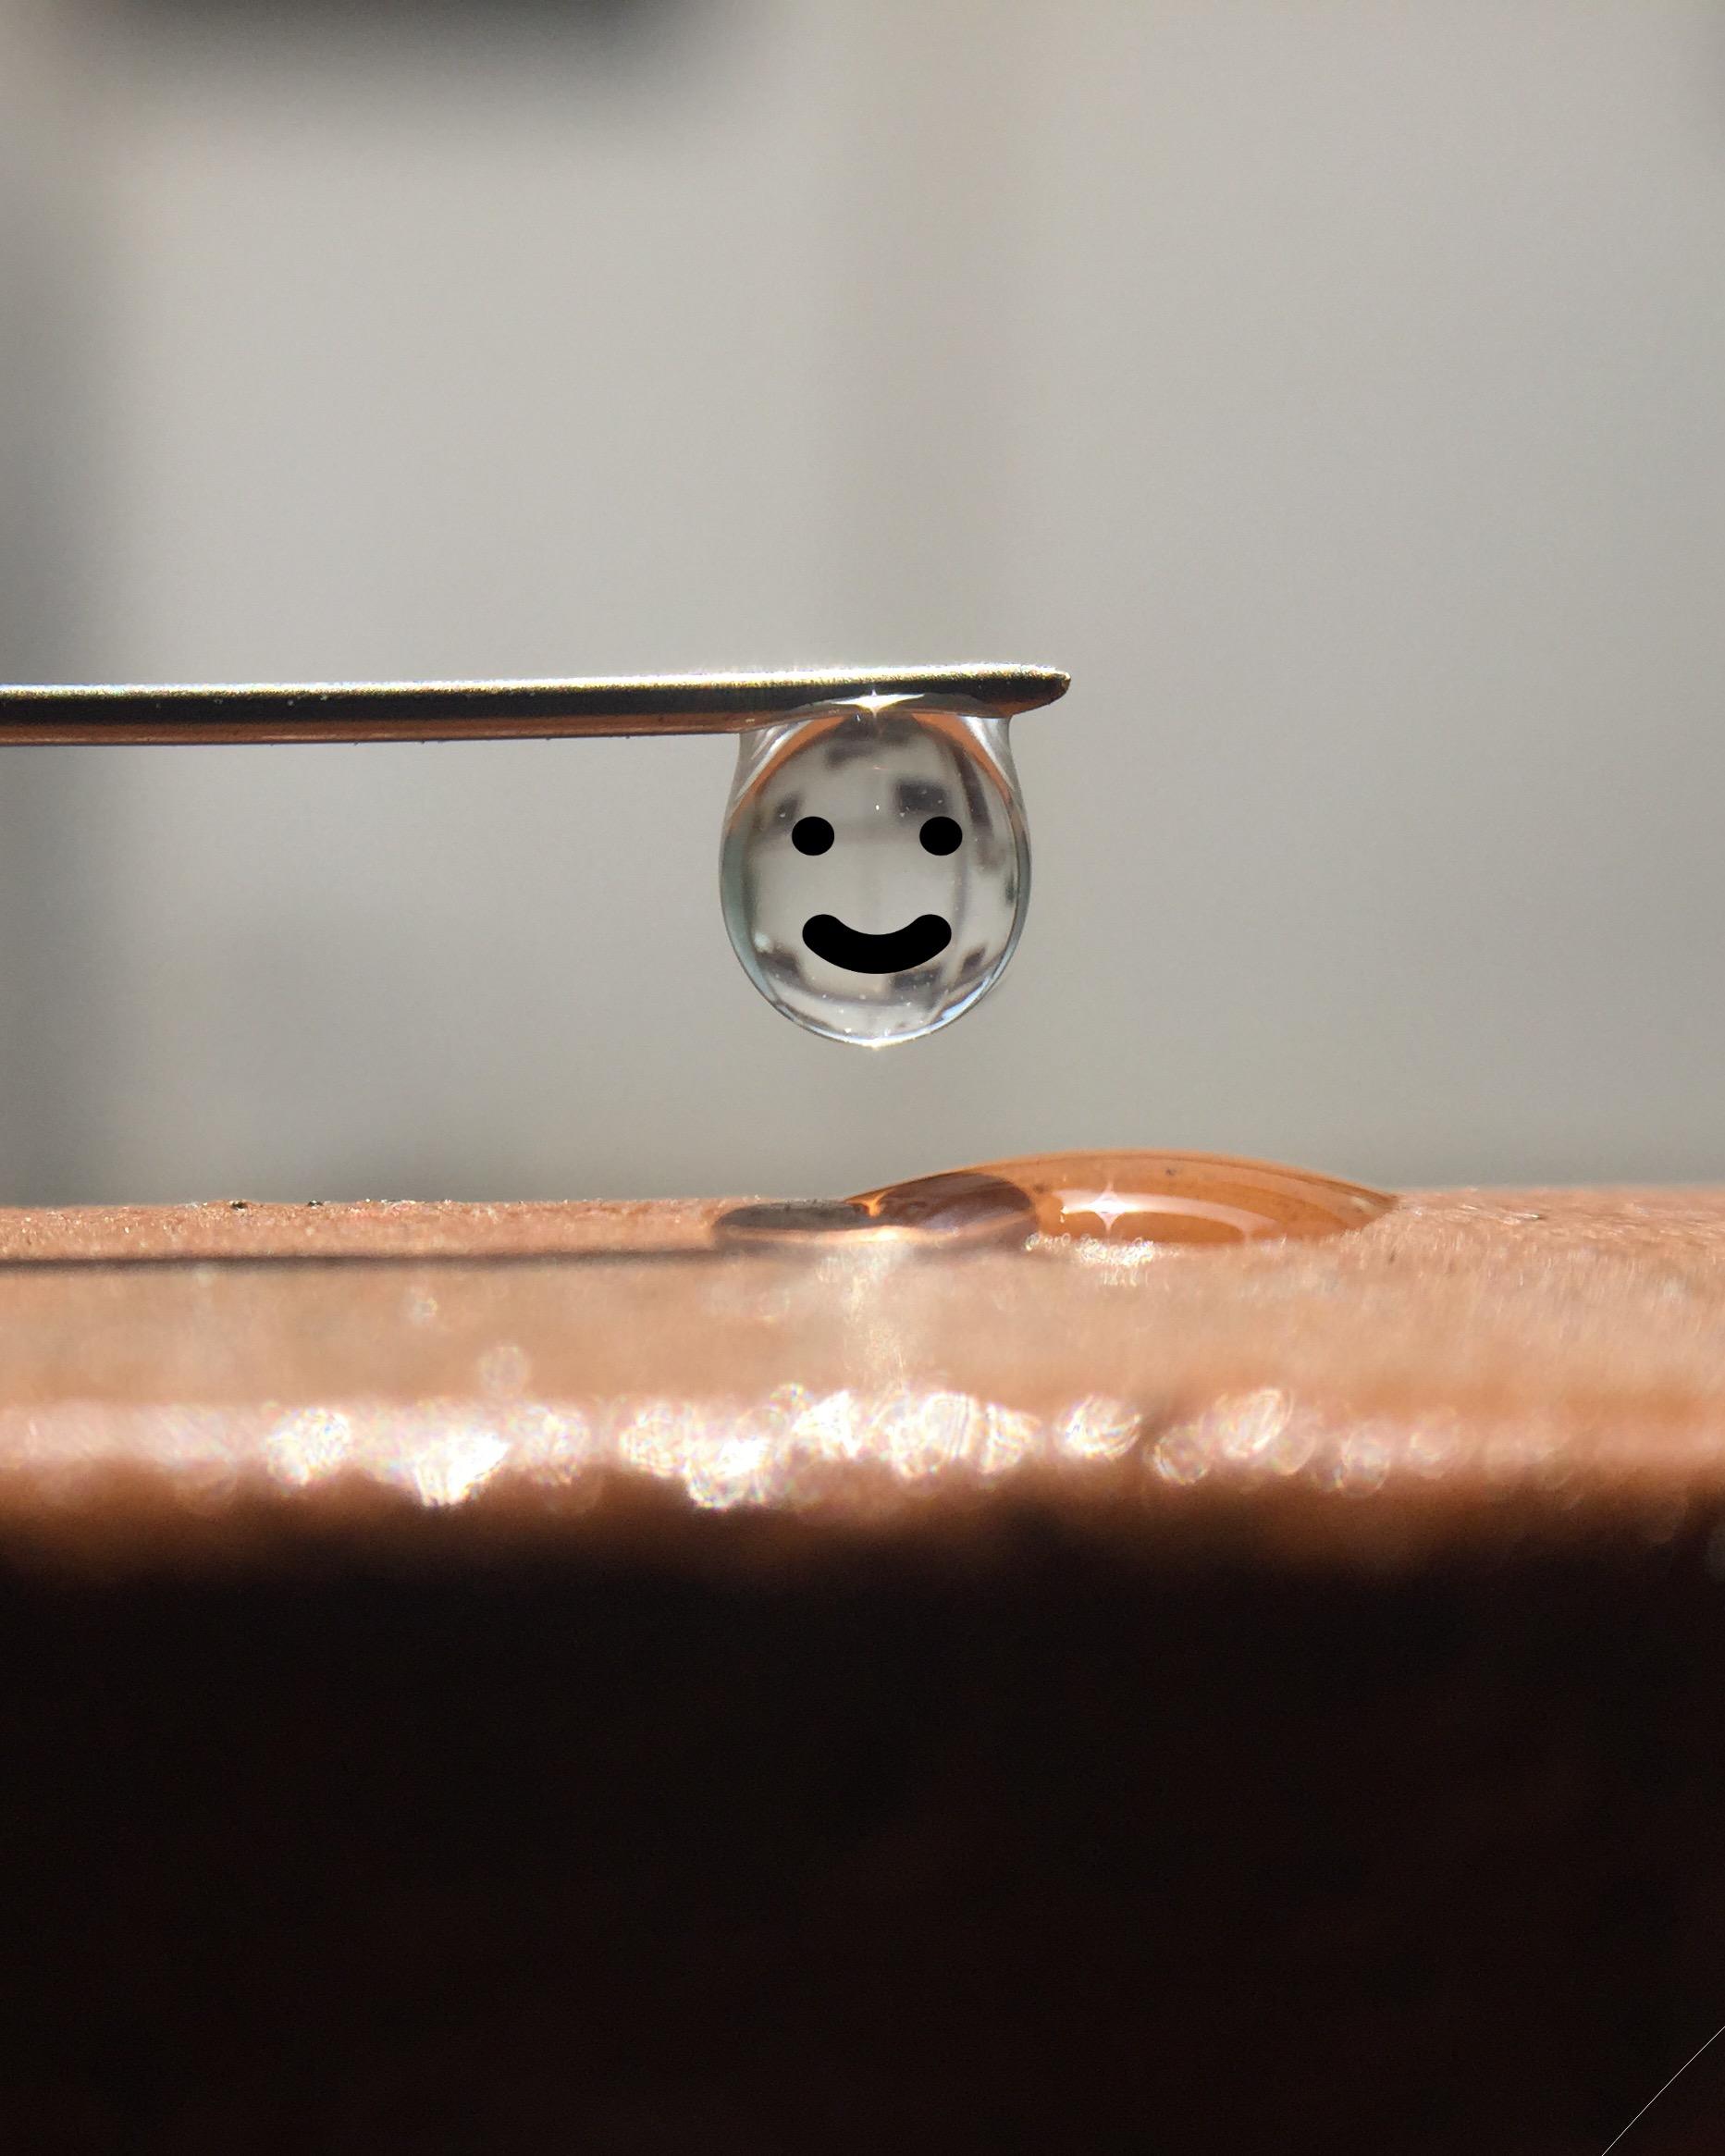 smiley waterdrop on needle